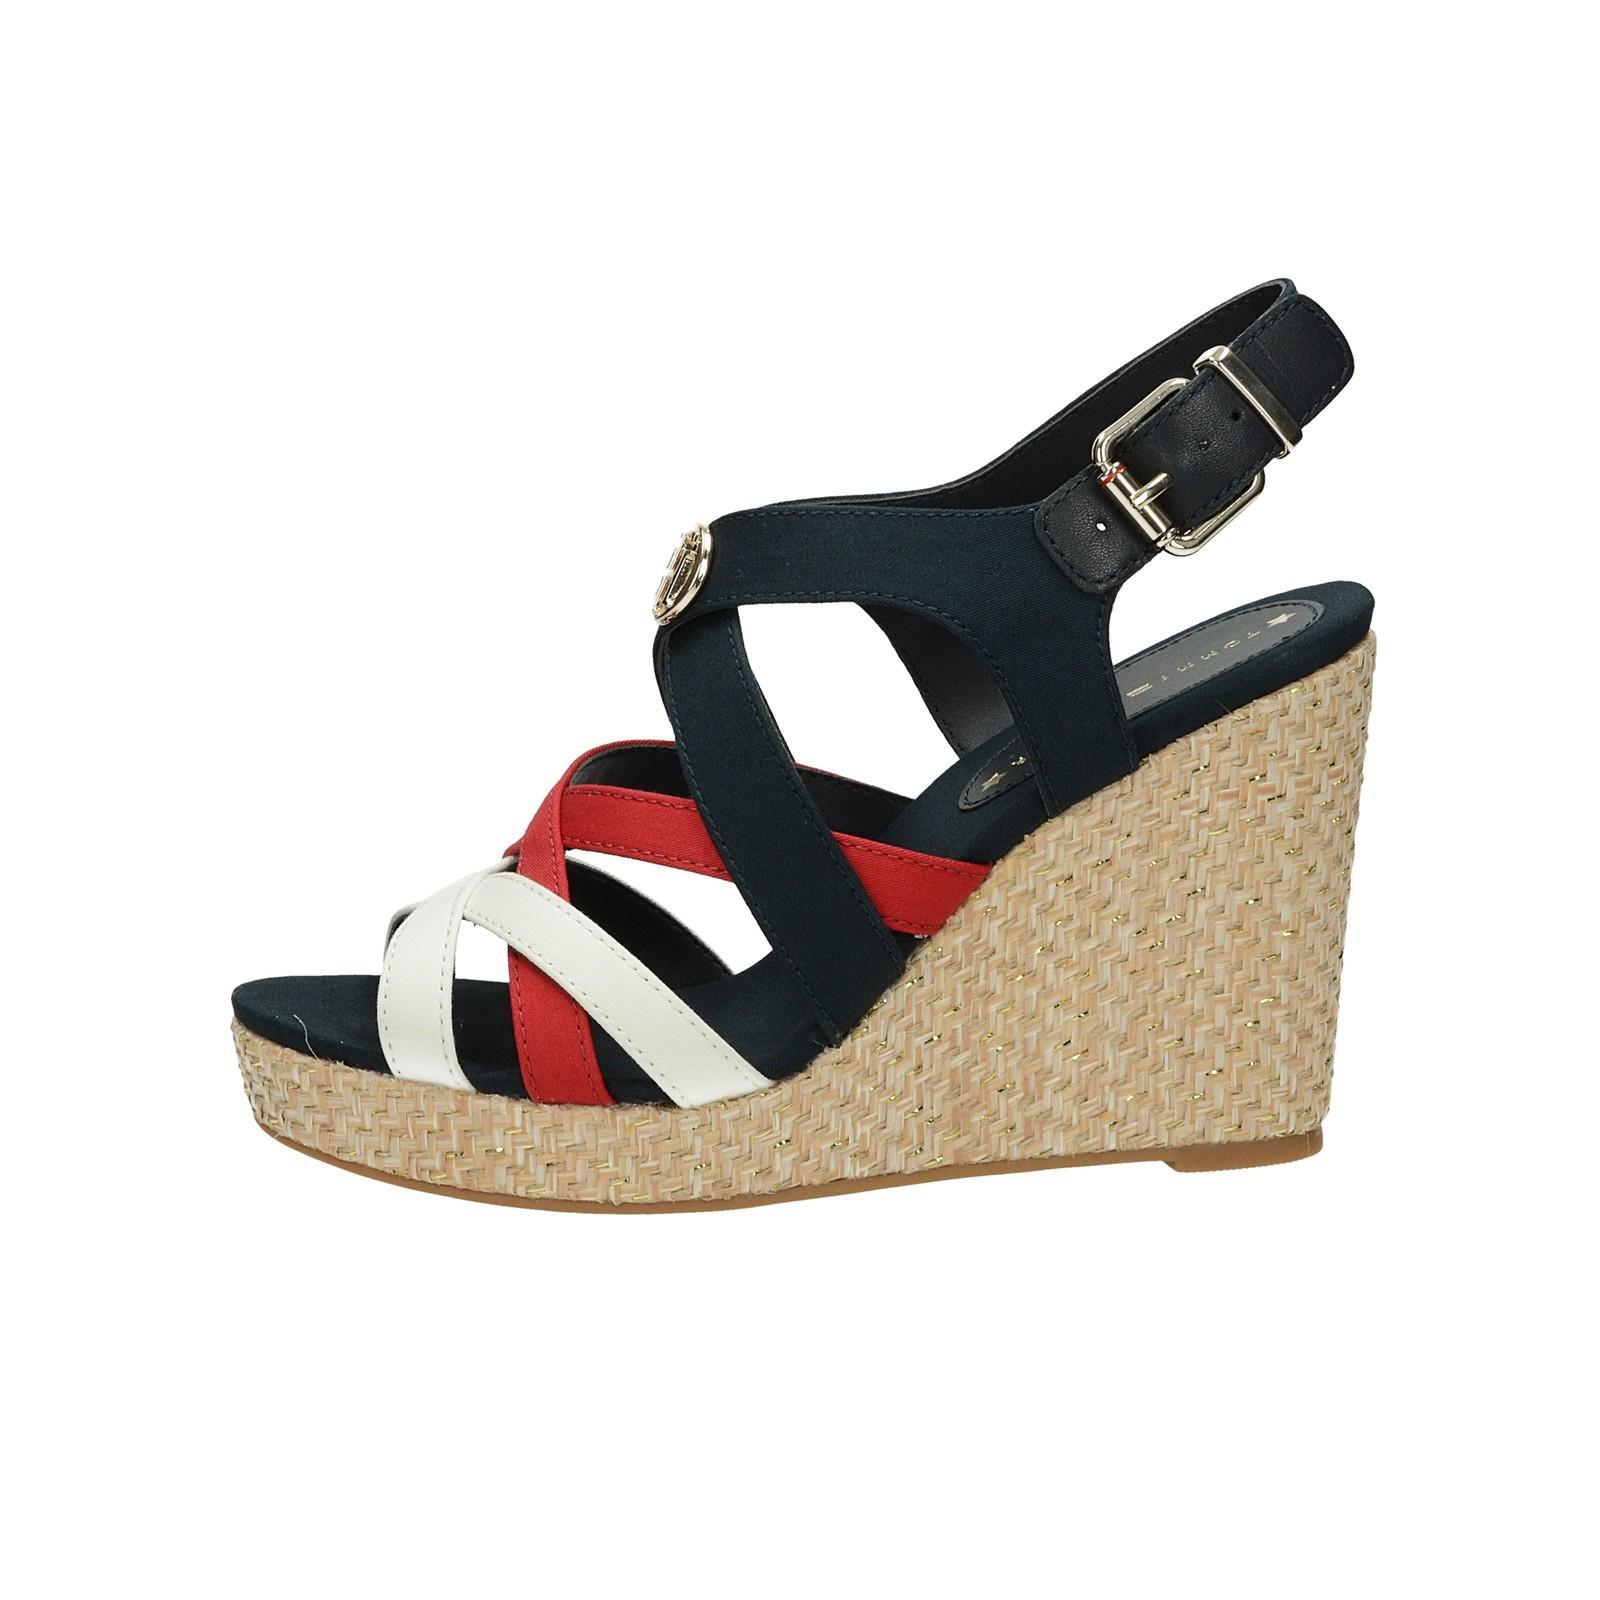 d7bb8c73b2 Tommy Hilfiger dámske štýlové sandále na klinovej podrážke - viacfarebné ...